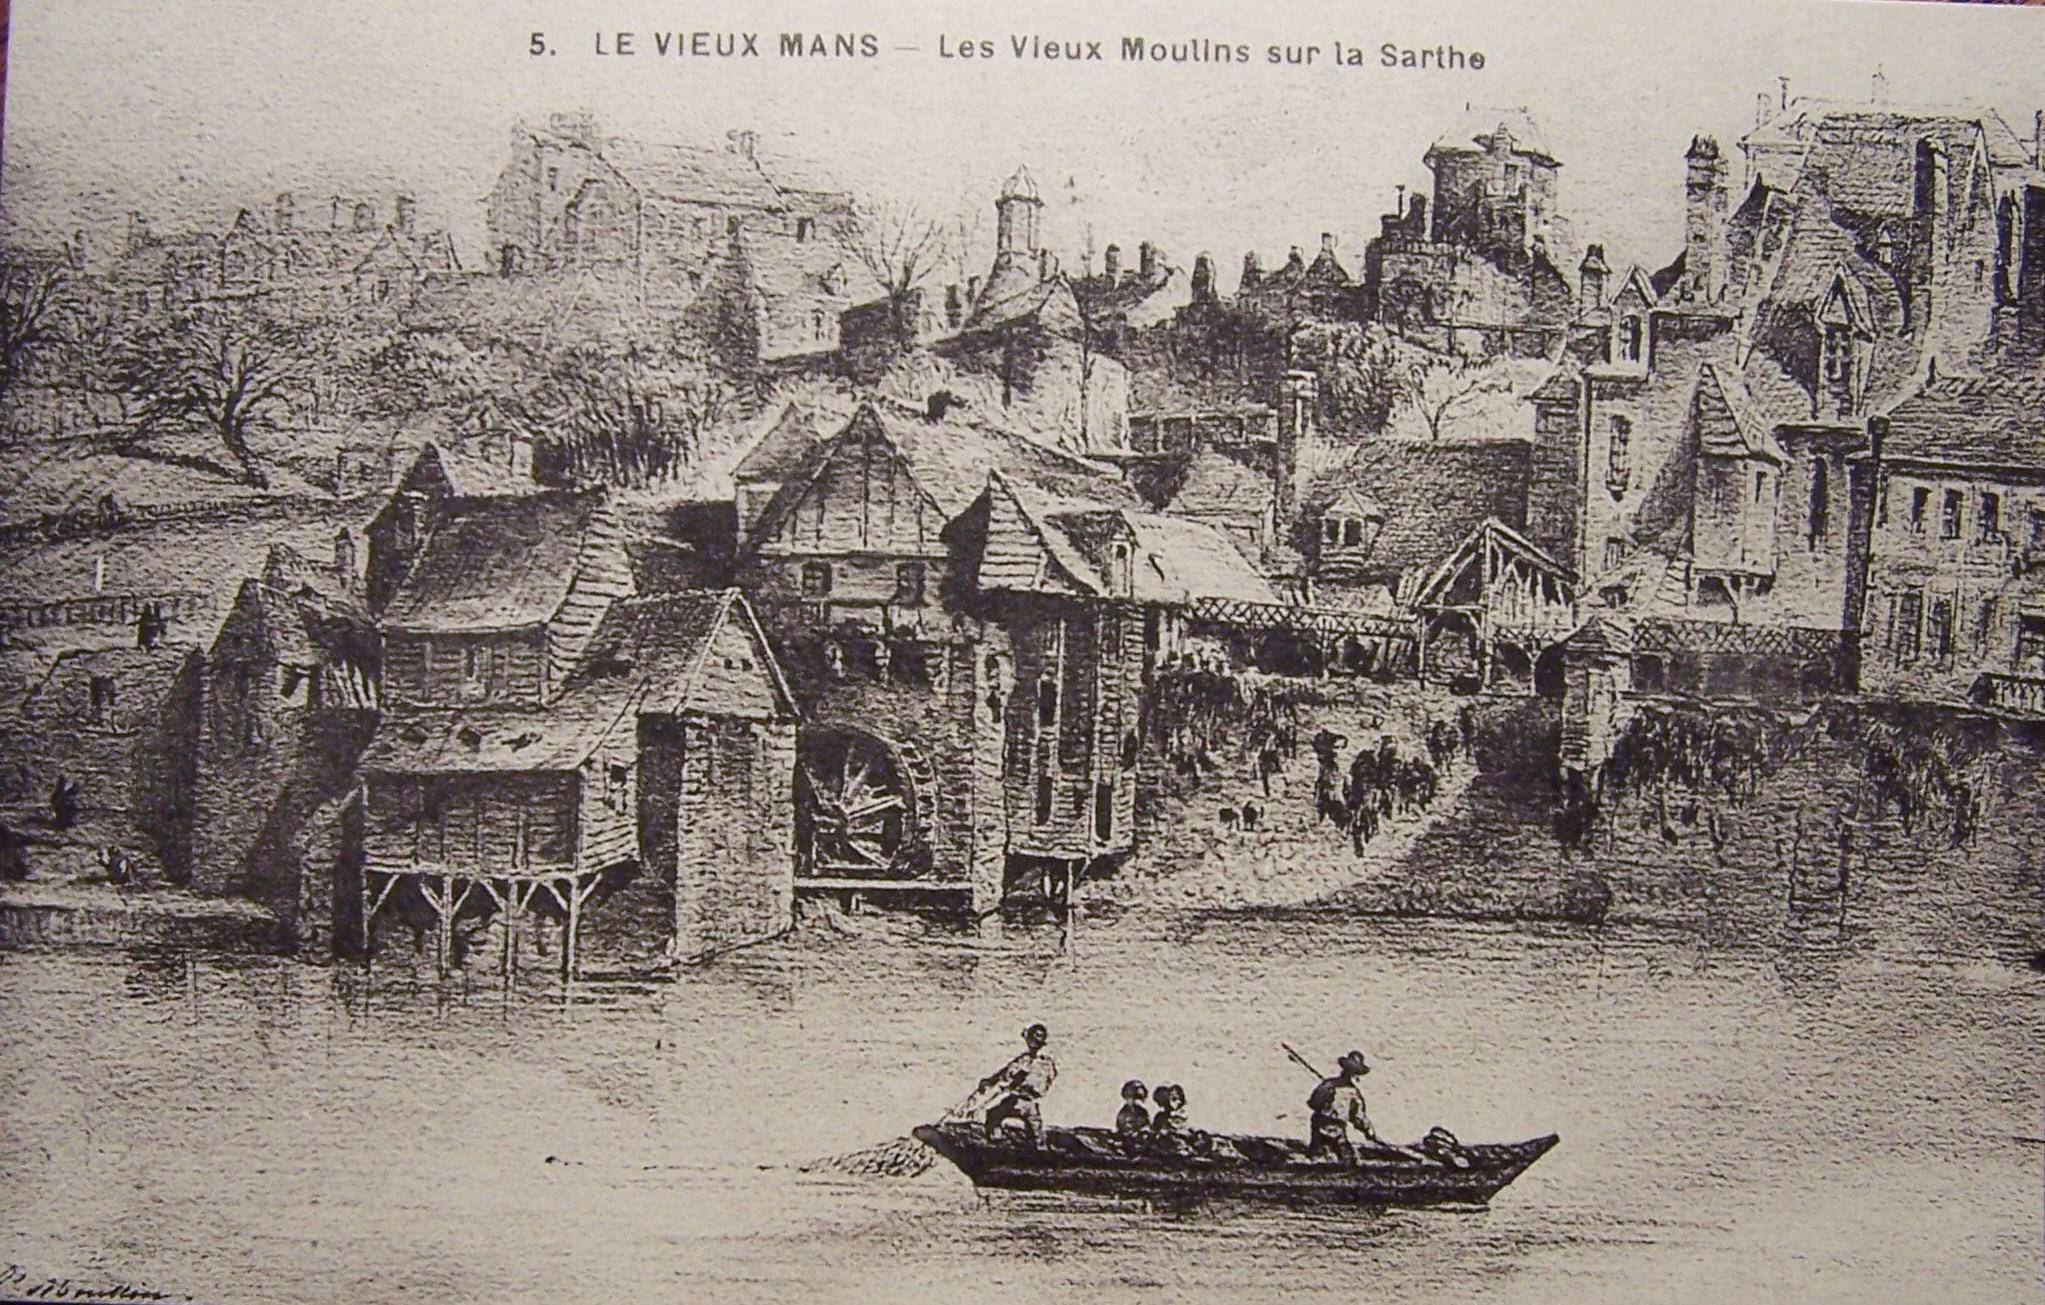 Le Vieux Mans - Les Vieux Moulins sur la Sarthe